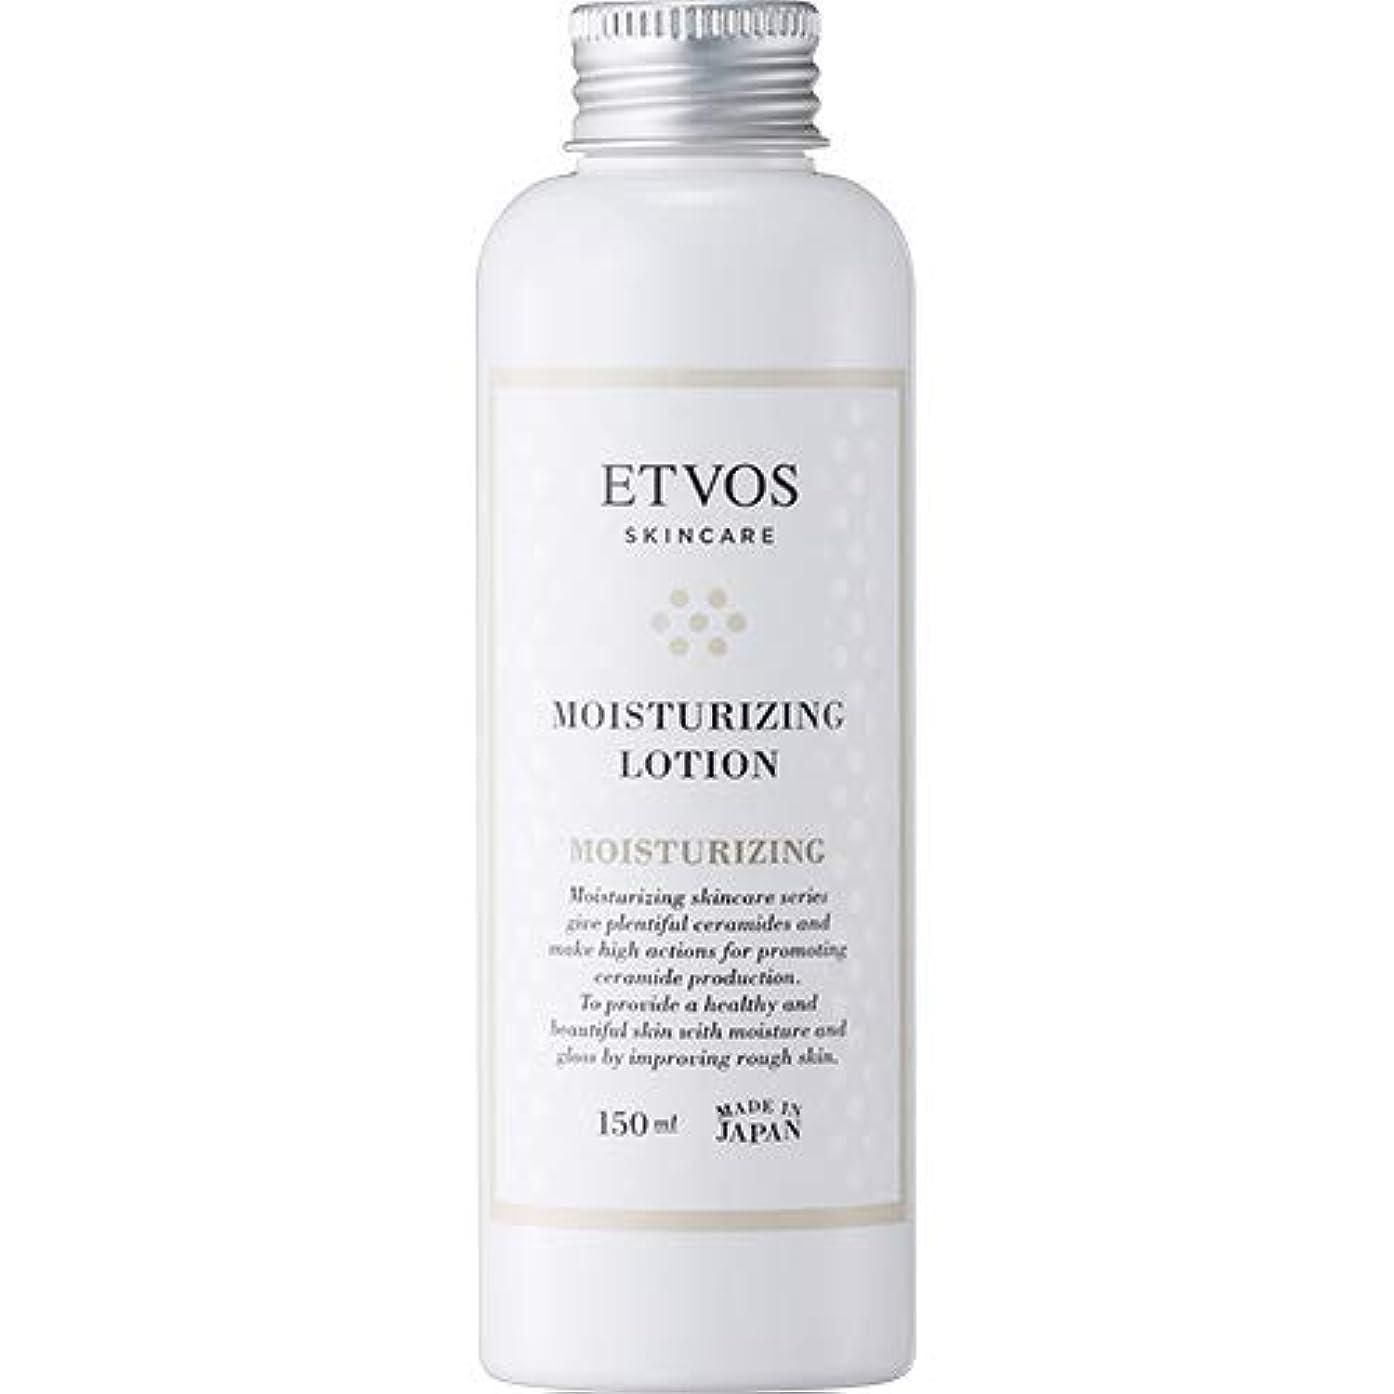 リーズ致命的なアルバムETVOS(エトヴォス) 保湿化粧水 モイスチャライジングローション 150ml セラミド 乾燥肌 パラベンフリー